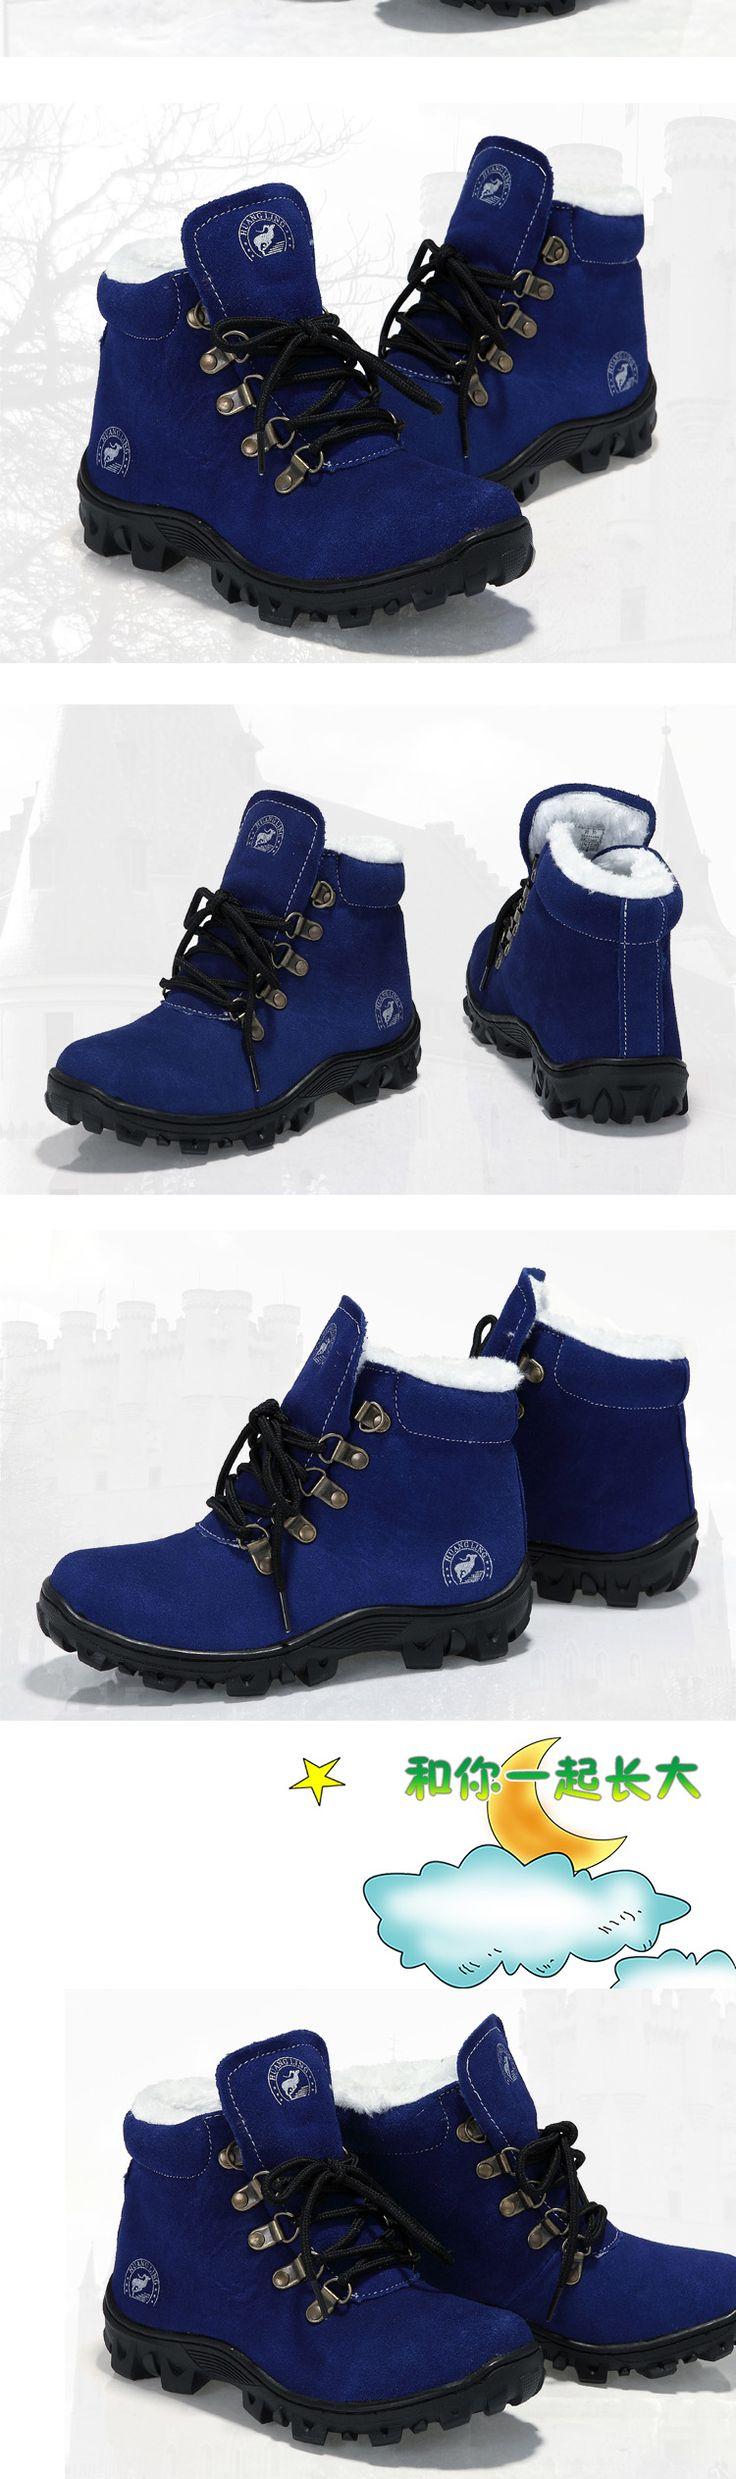 Мальчики и девочки зимние ботинки Мартин сапоги ребенок модели дополняется кожи высокого верха кожаные сапоги с низким трубки снега сапоги корейской Tide - Taobao